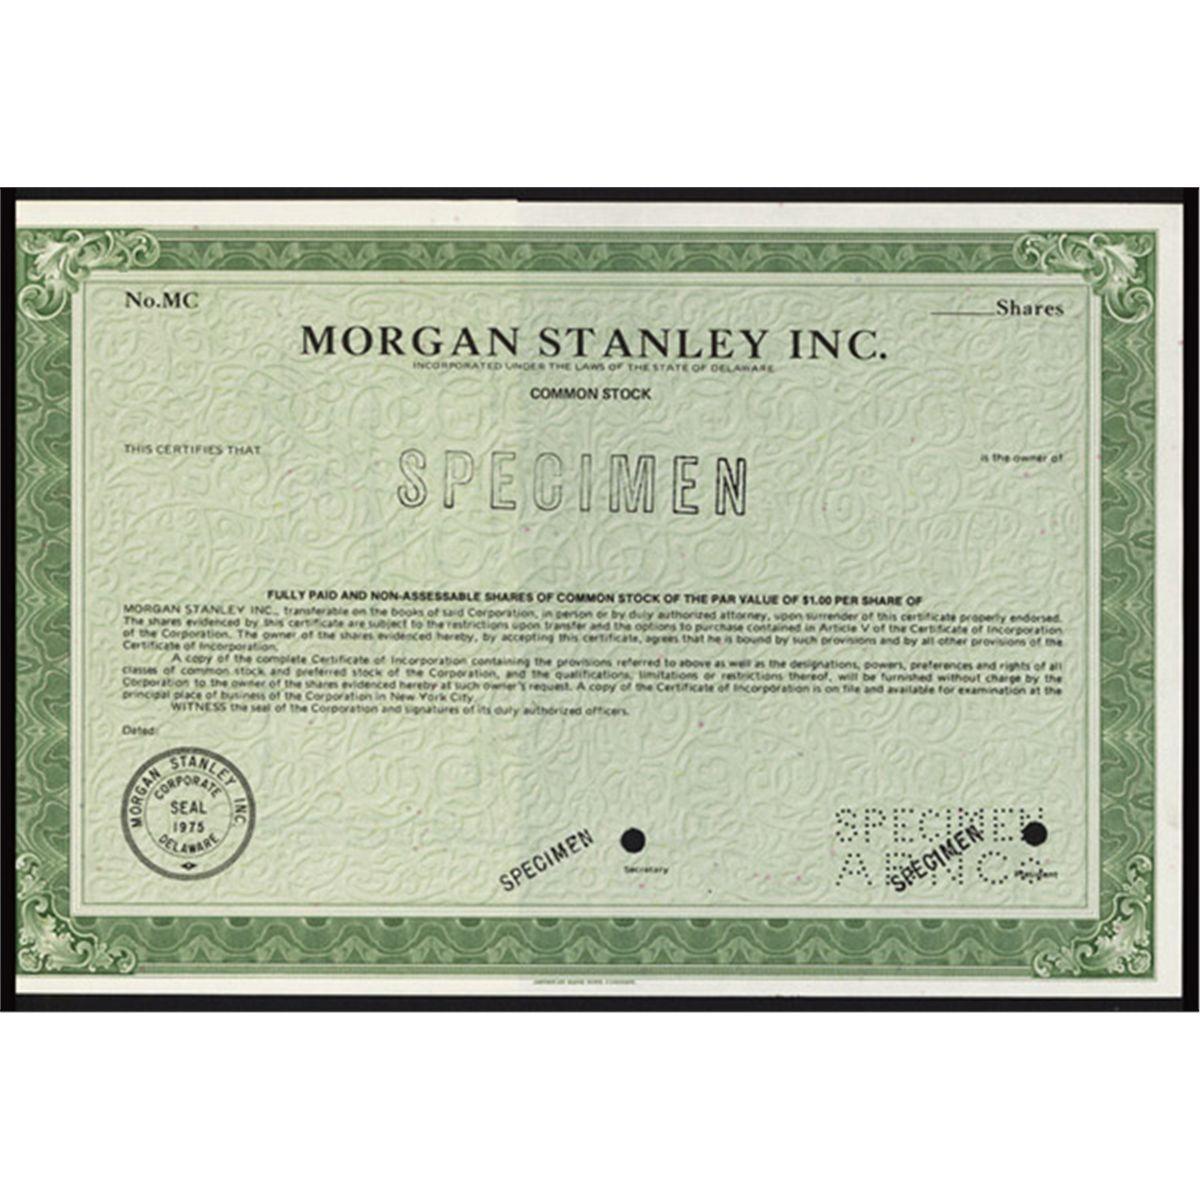 Morgan Stanley Inc  Specimen Stock Certificate